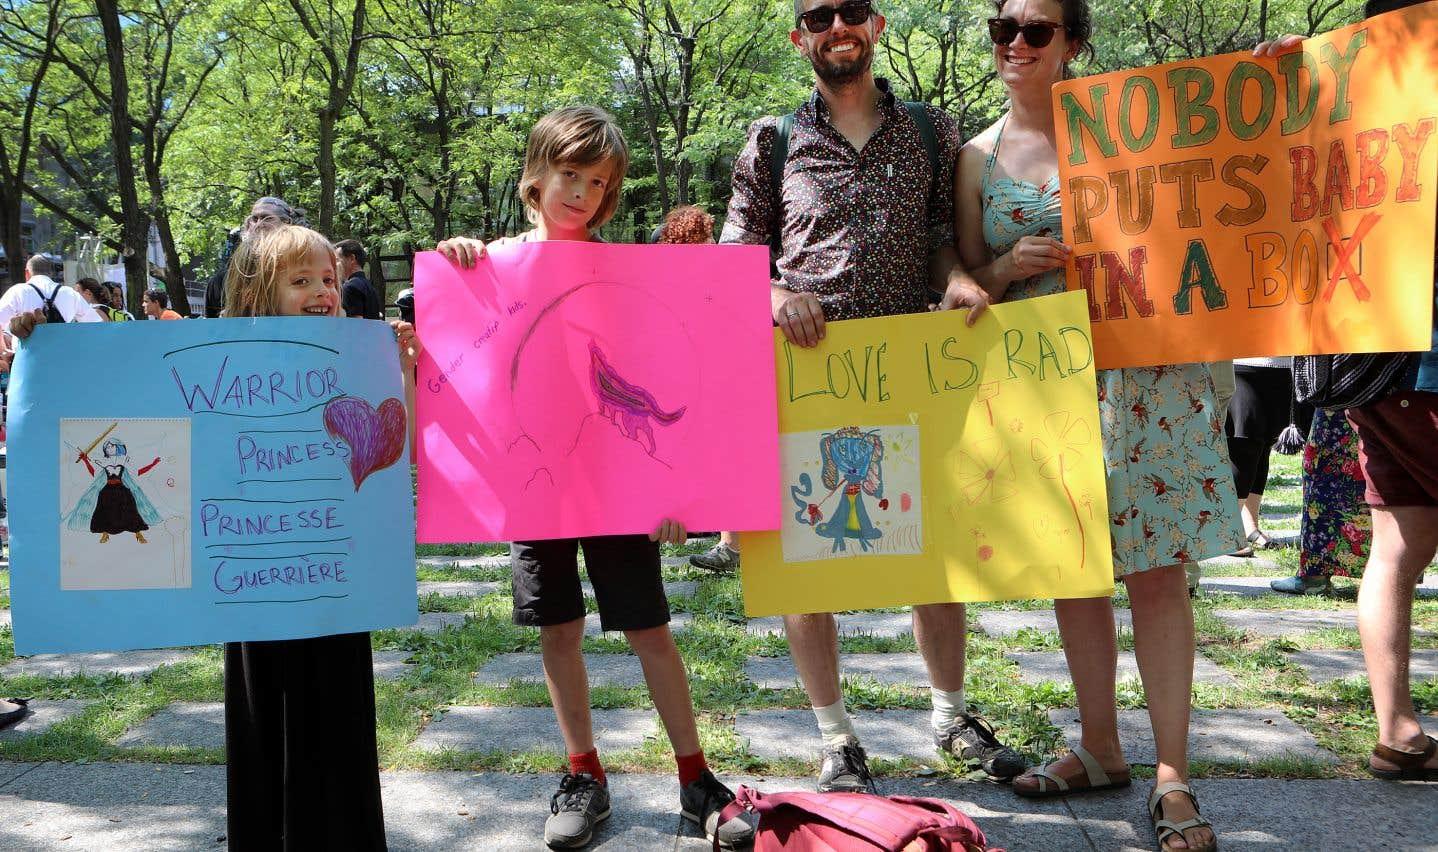 Will Roberts et Hasana Sharp avec leurs enfants, Otis, 7 ans, transgenre, à gauche et Emmett, 9 ans.